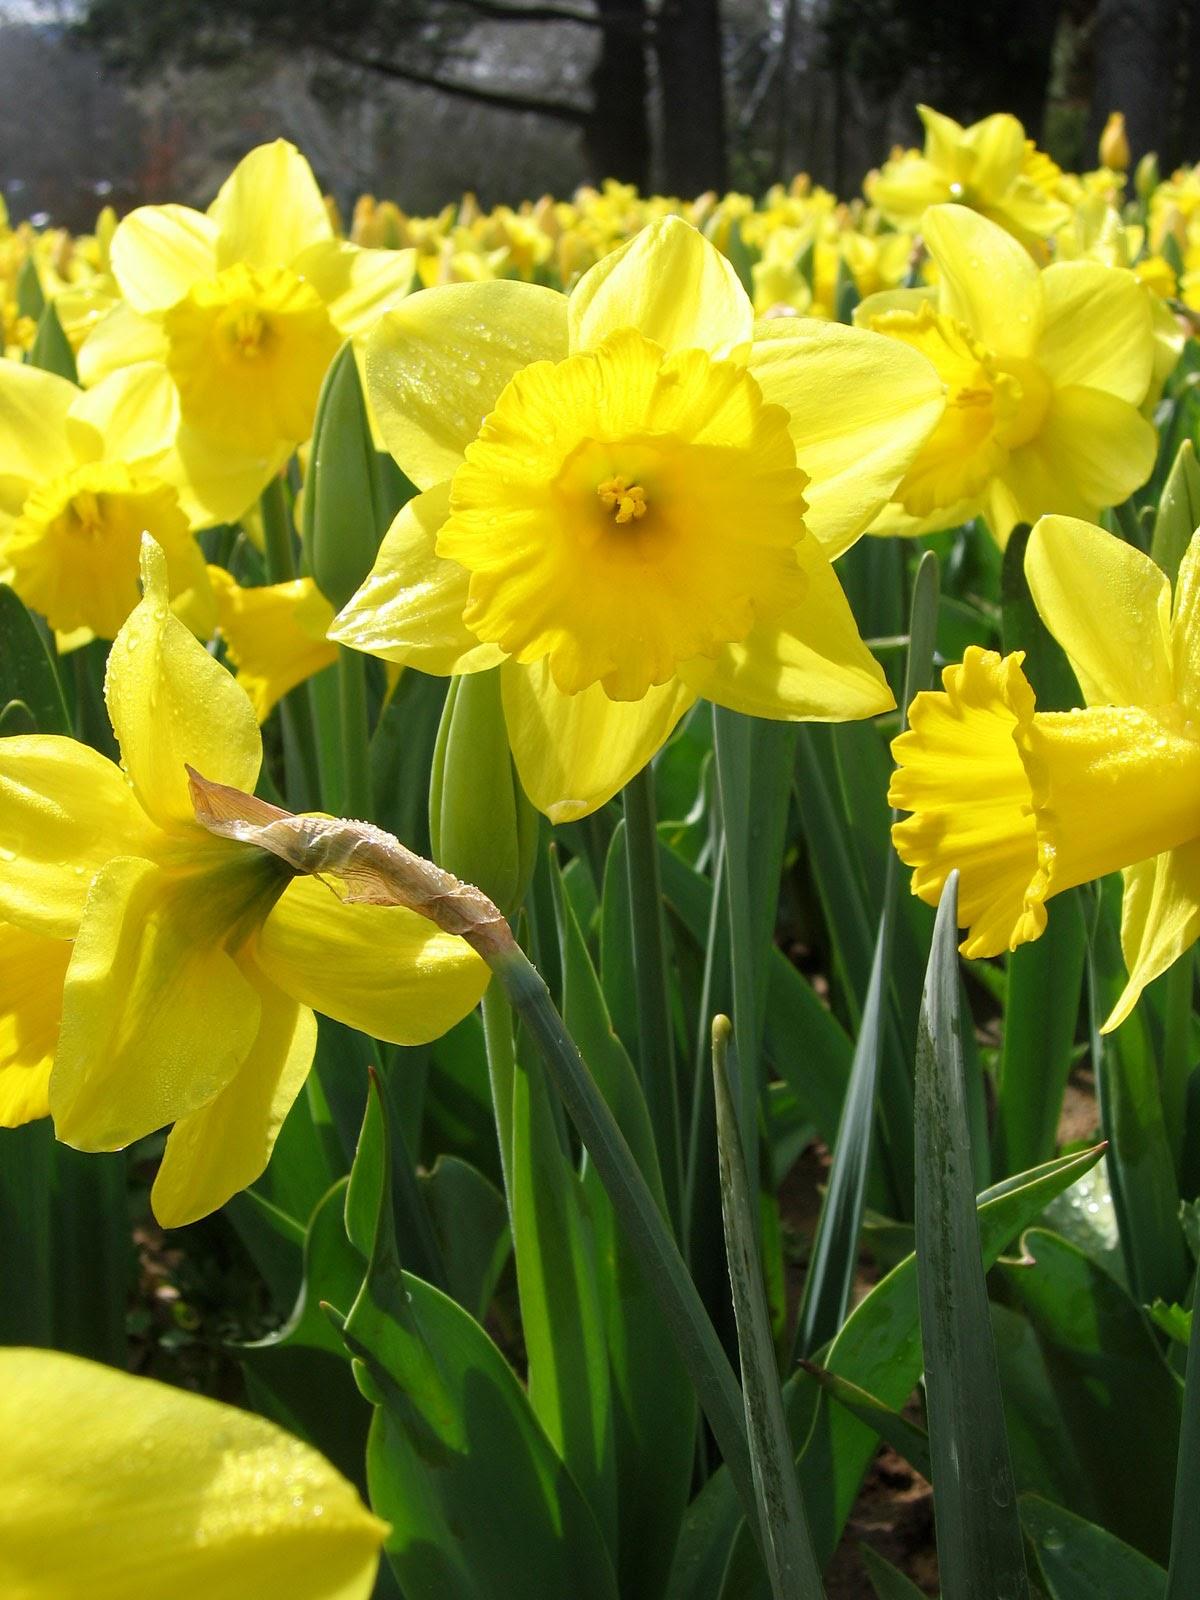 Life Around Us: Spring Flowers